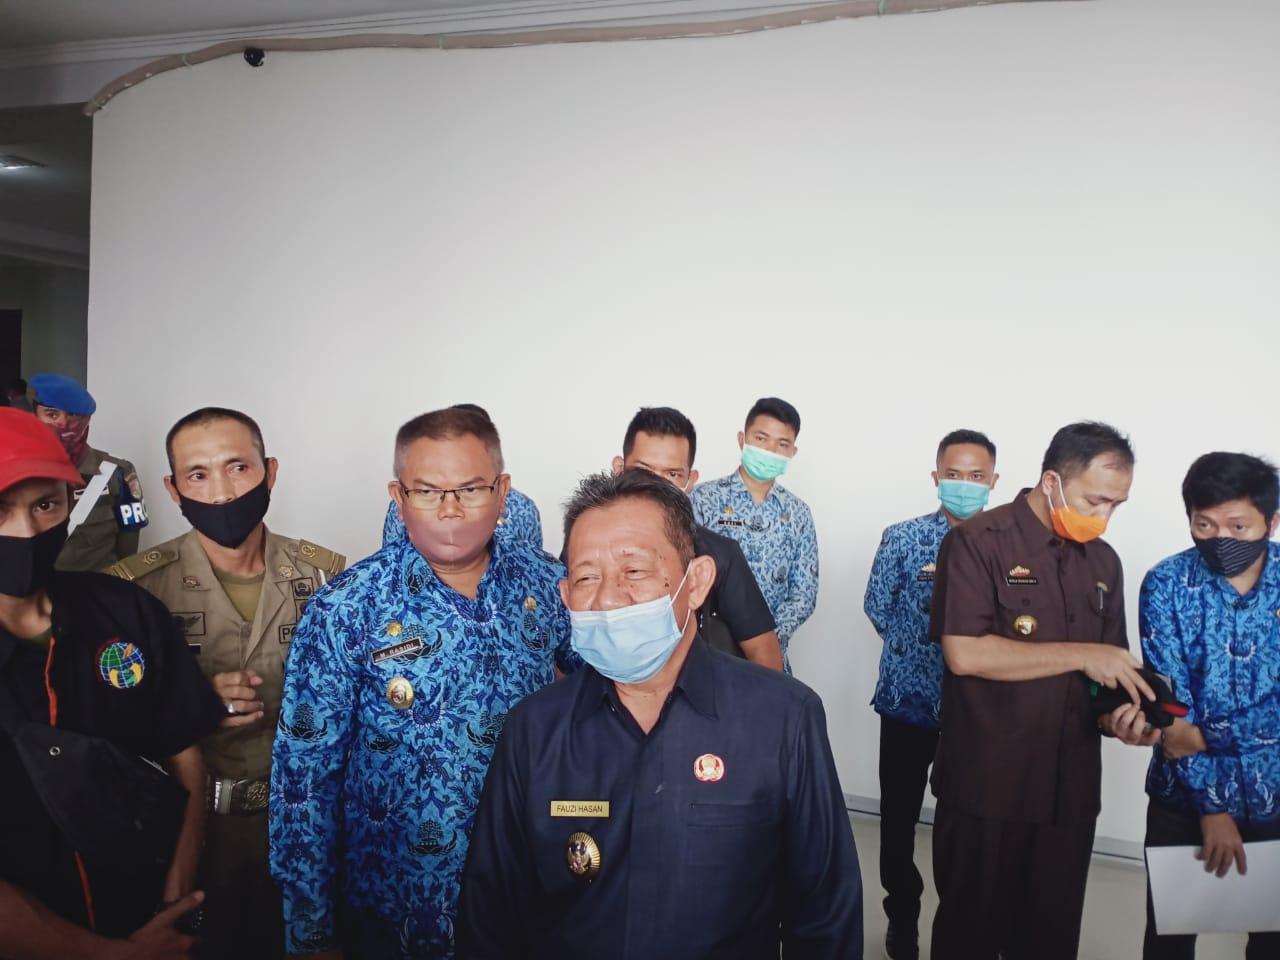 Pelantikan Novriwan Jaya Tunggu SK Gubernur, Roda Pemerintahan di Tubaba Tetap Normal